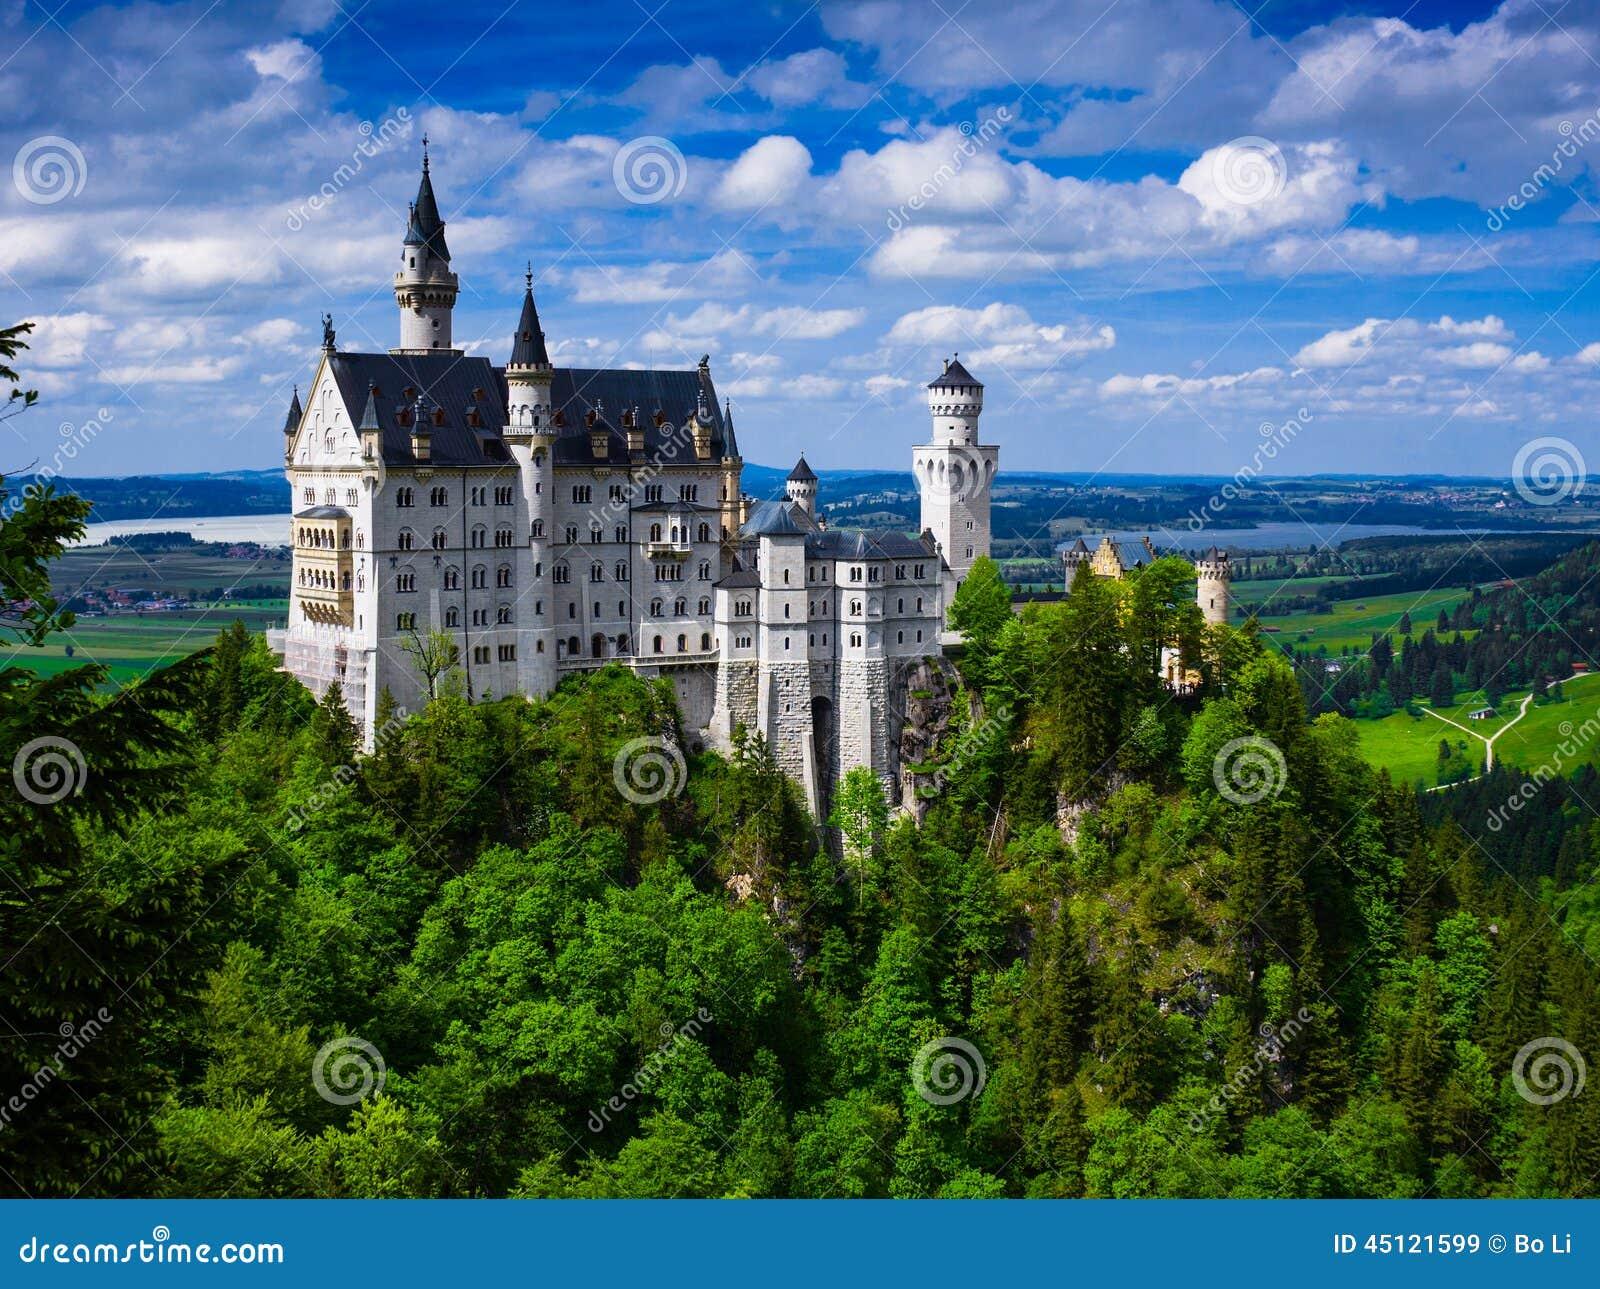 新天鹅堡城堡(新的Swanstone城堡)